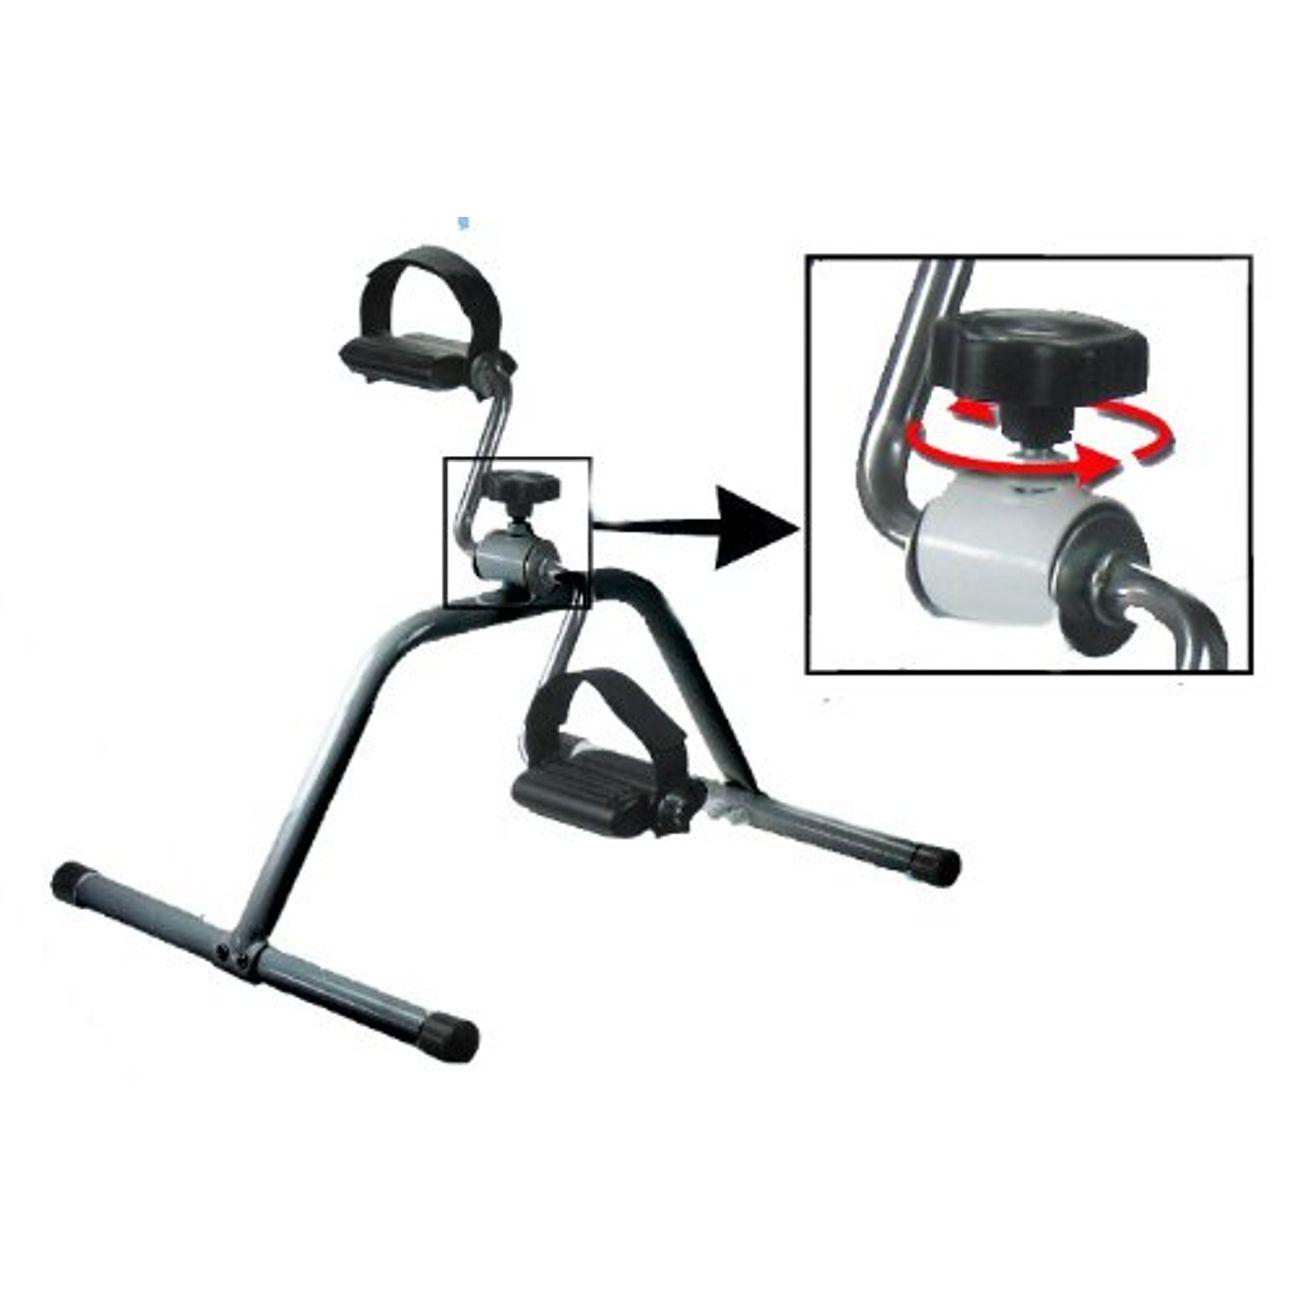 pedalier pour exercises et reeducation achat et prix pas cher go sport. Black Bedroom Furniture Sets. Home Design Ideas